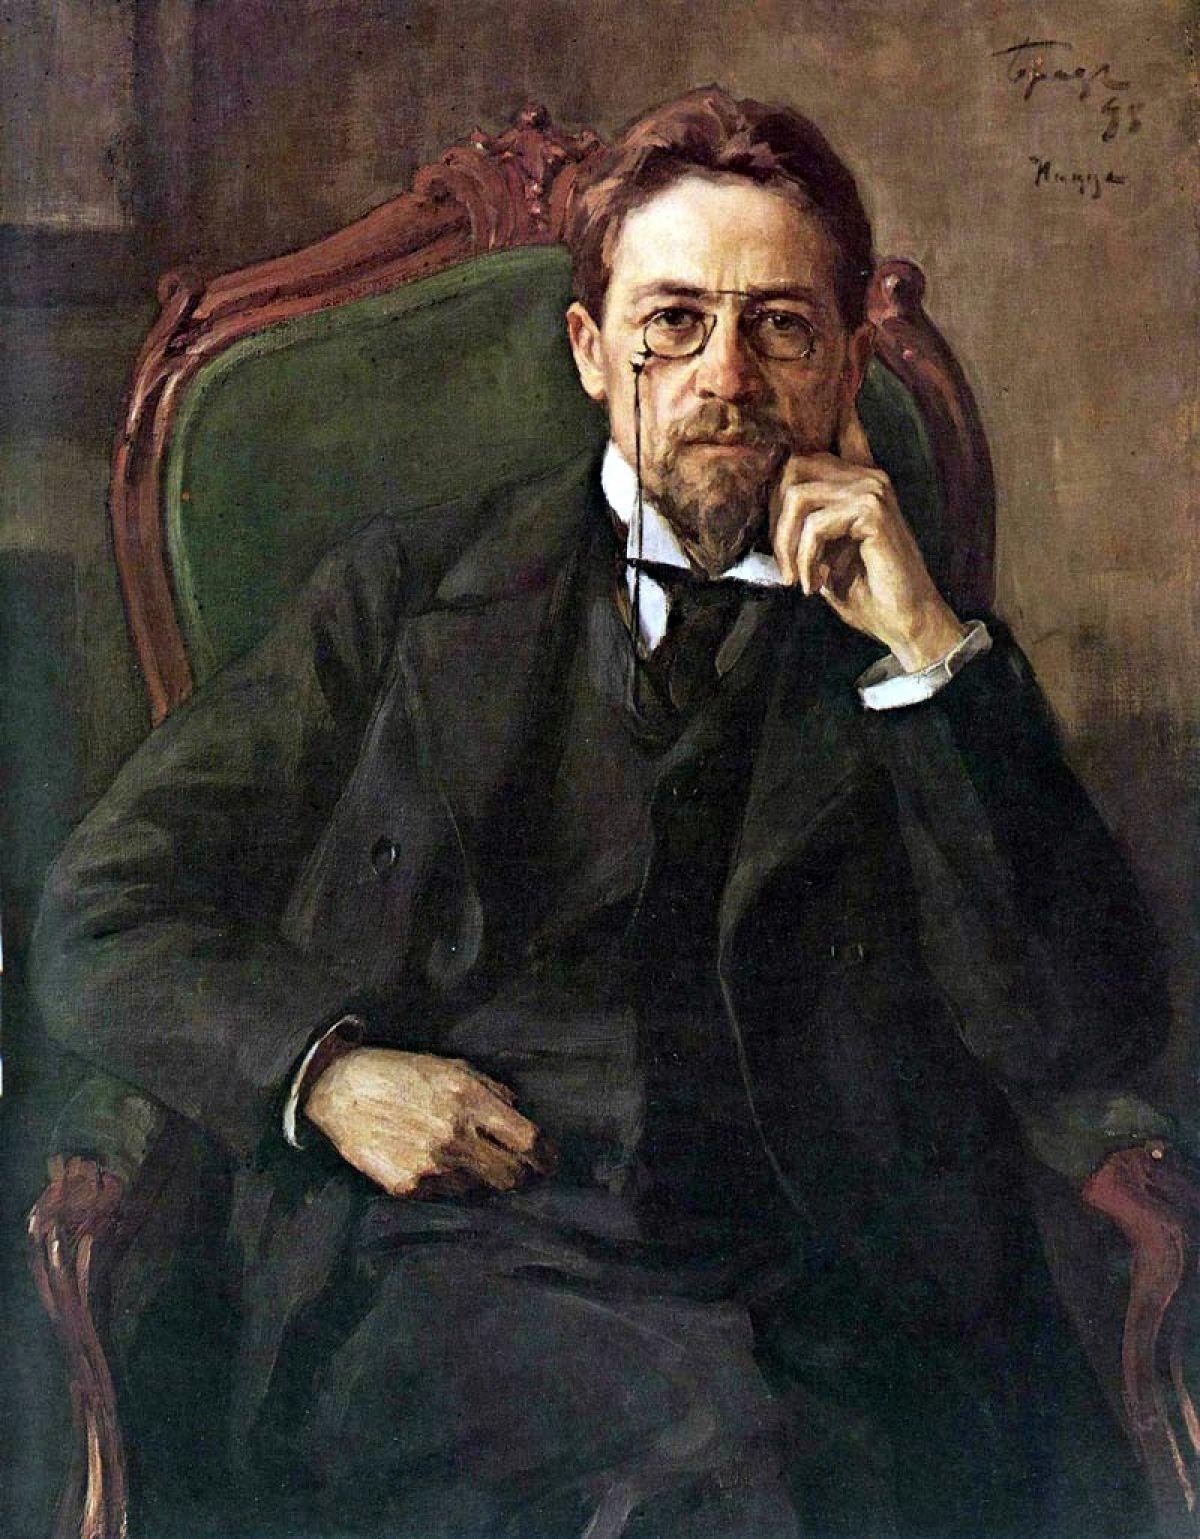 Retrato de Anton Tchekhov por Osip Braz.